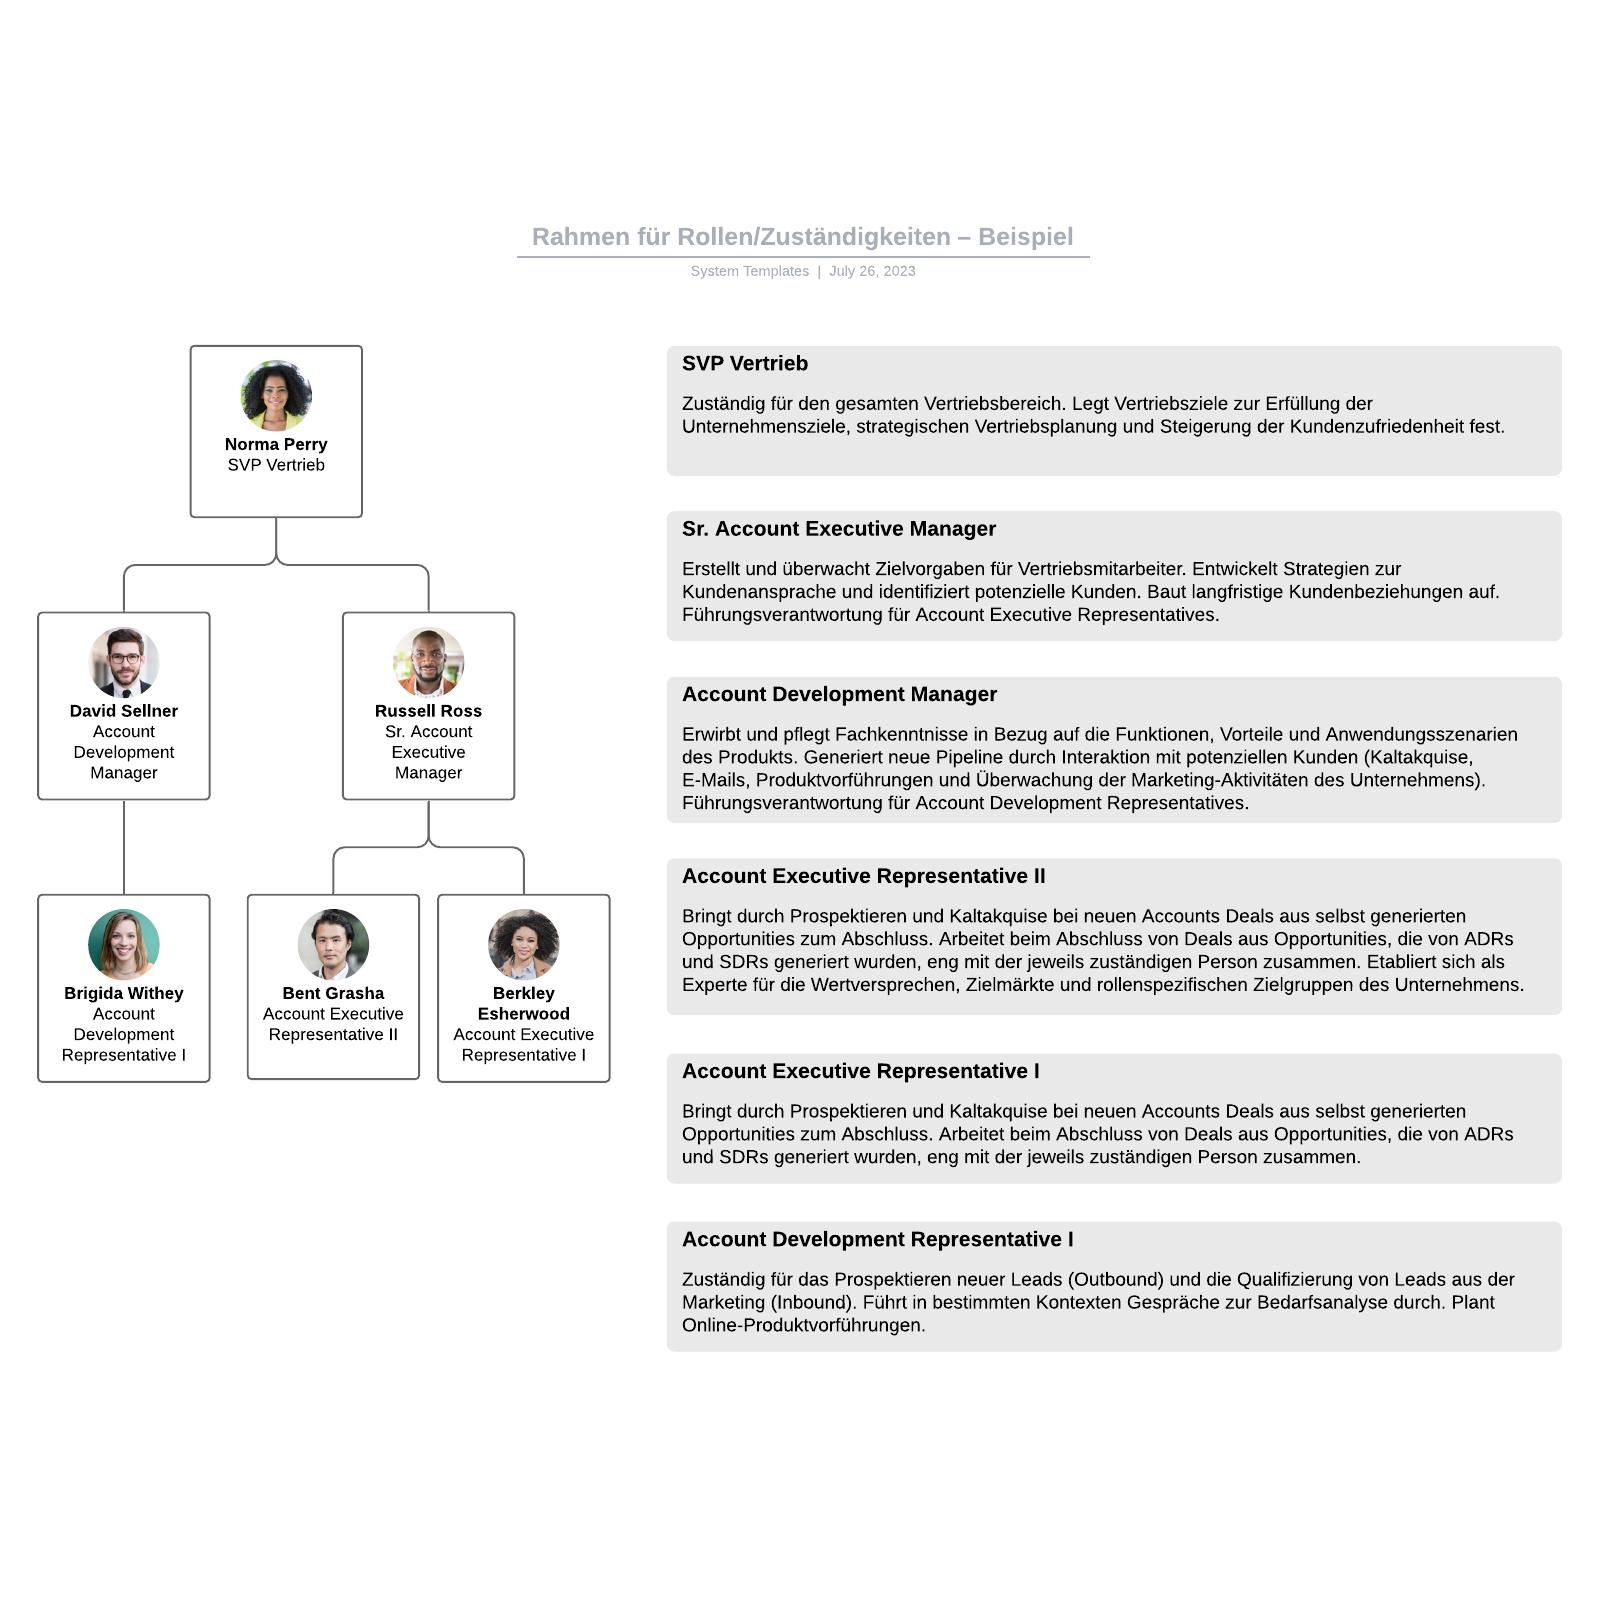 Rahmen für Rollen/Zuständigkeiten – Beispiel